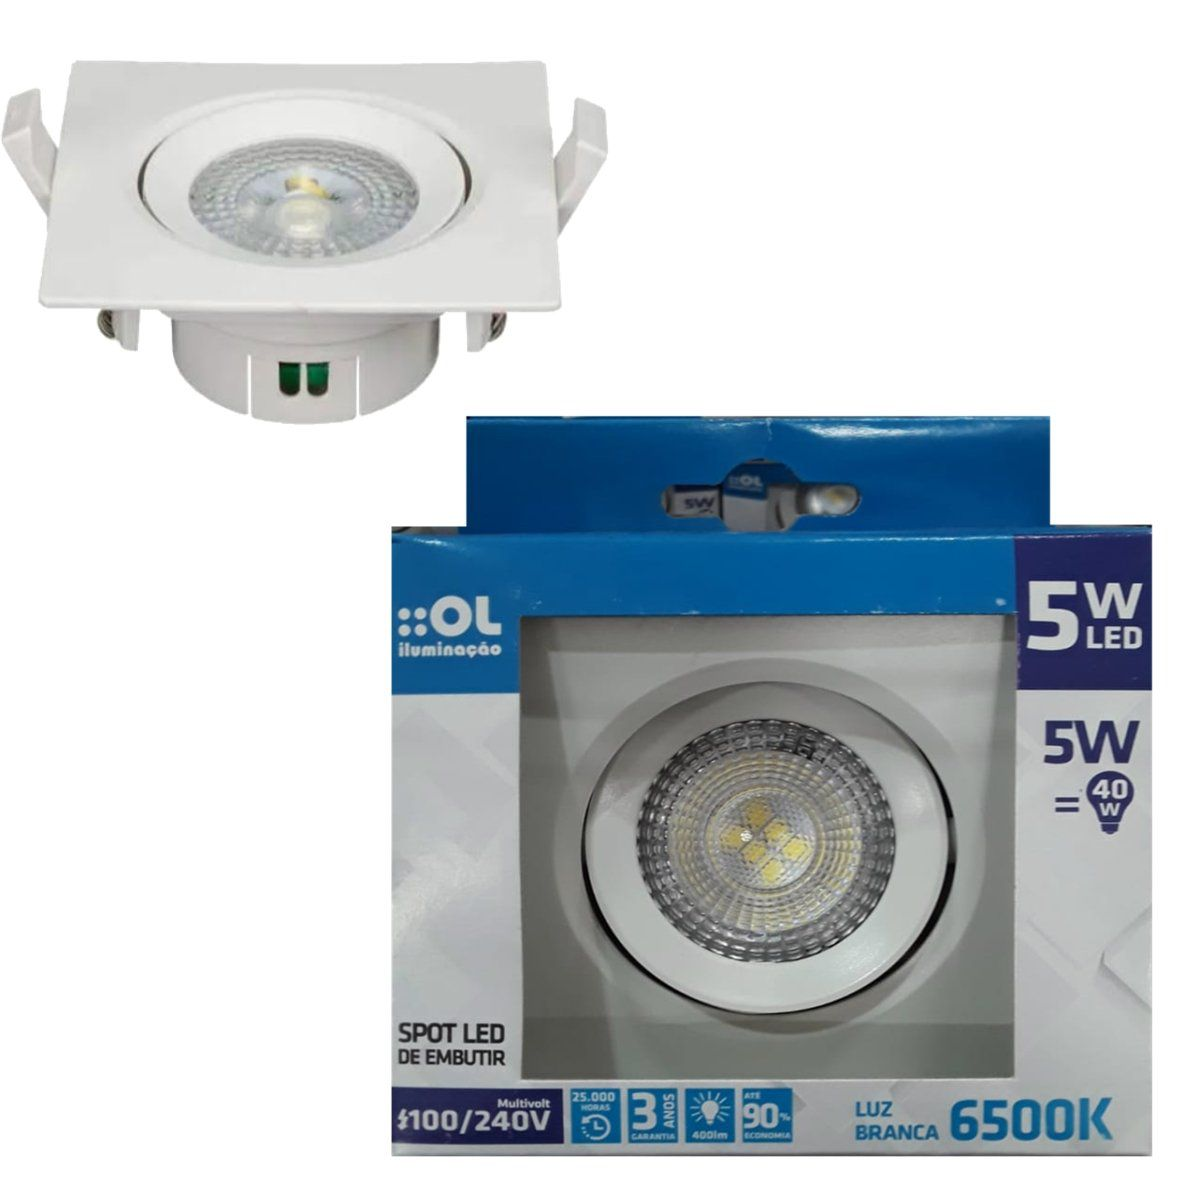 Kit 10 Spot Led 5w Lampada Direcionável Branco Frio 6500K OL